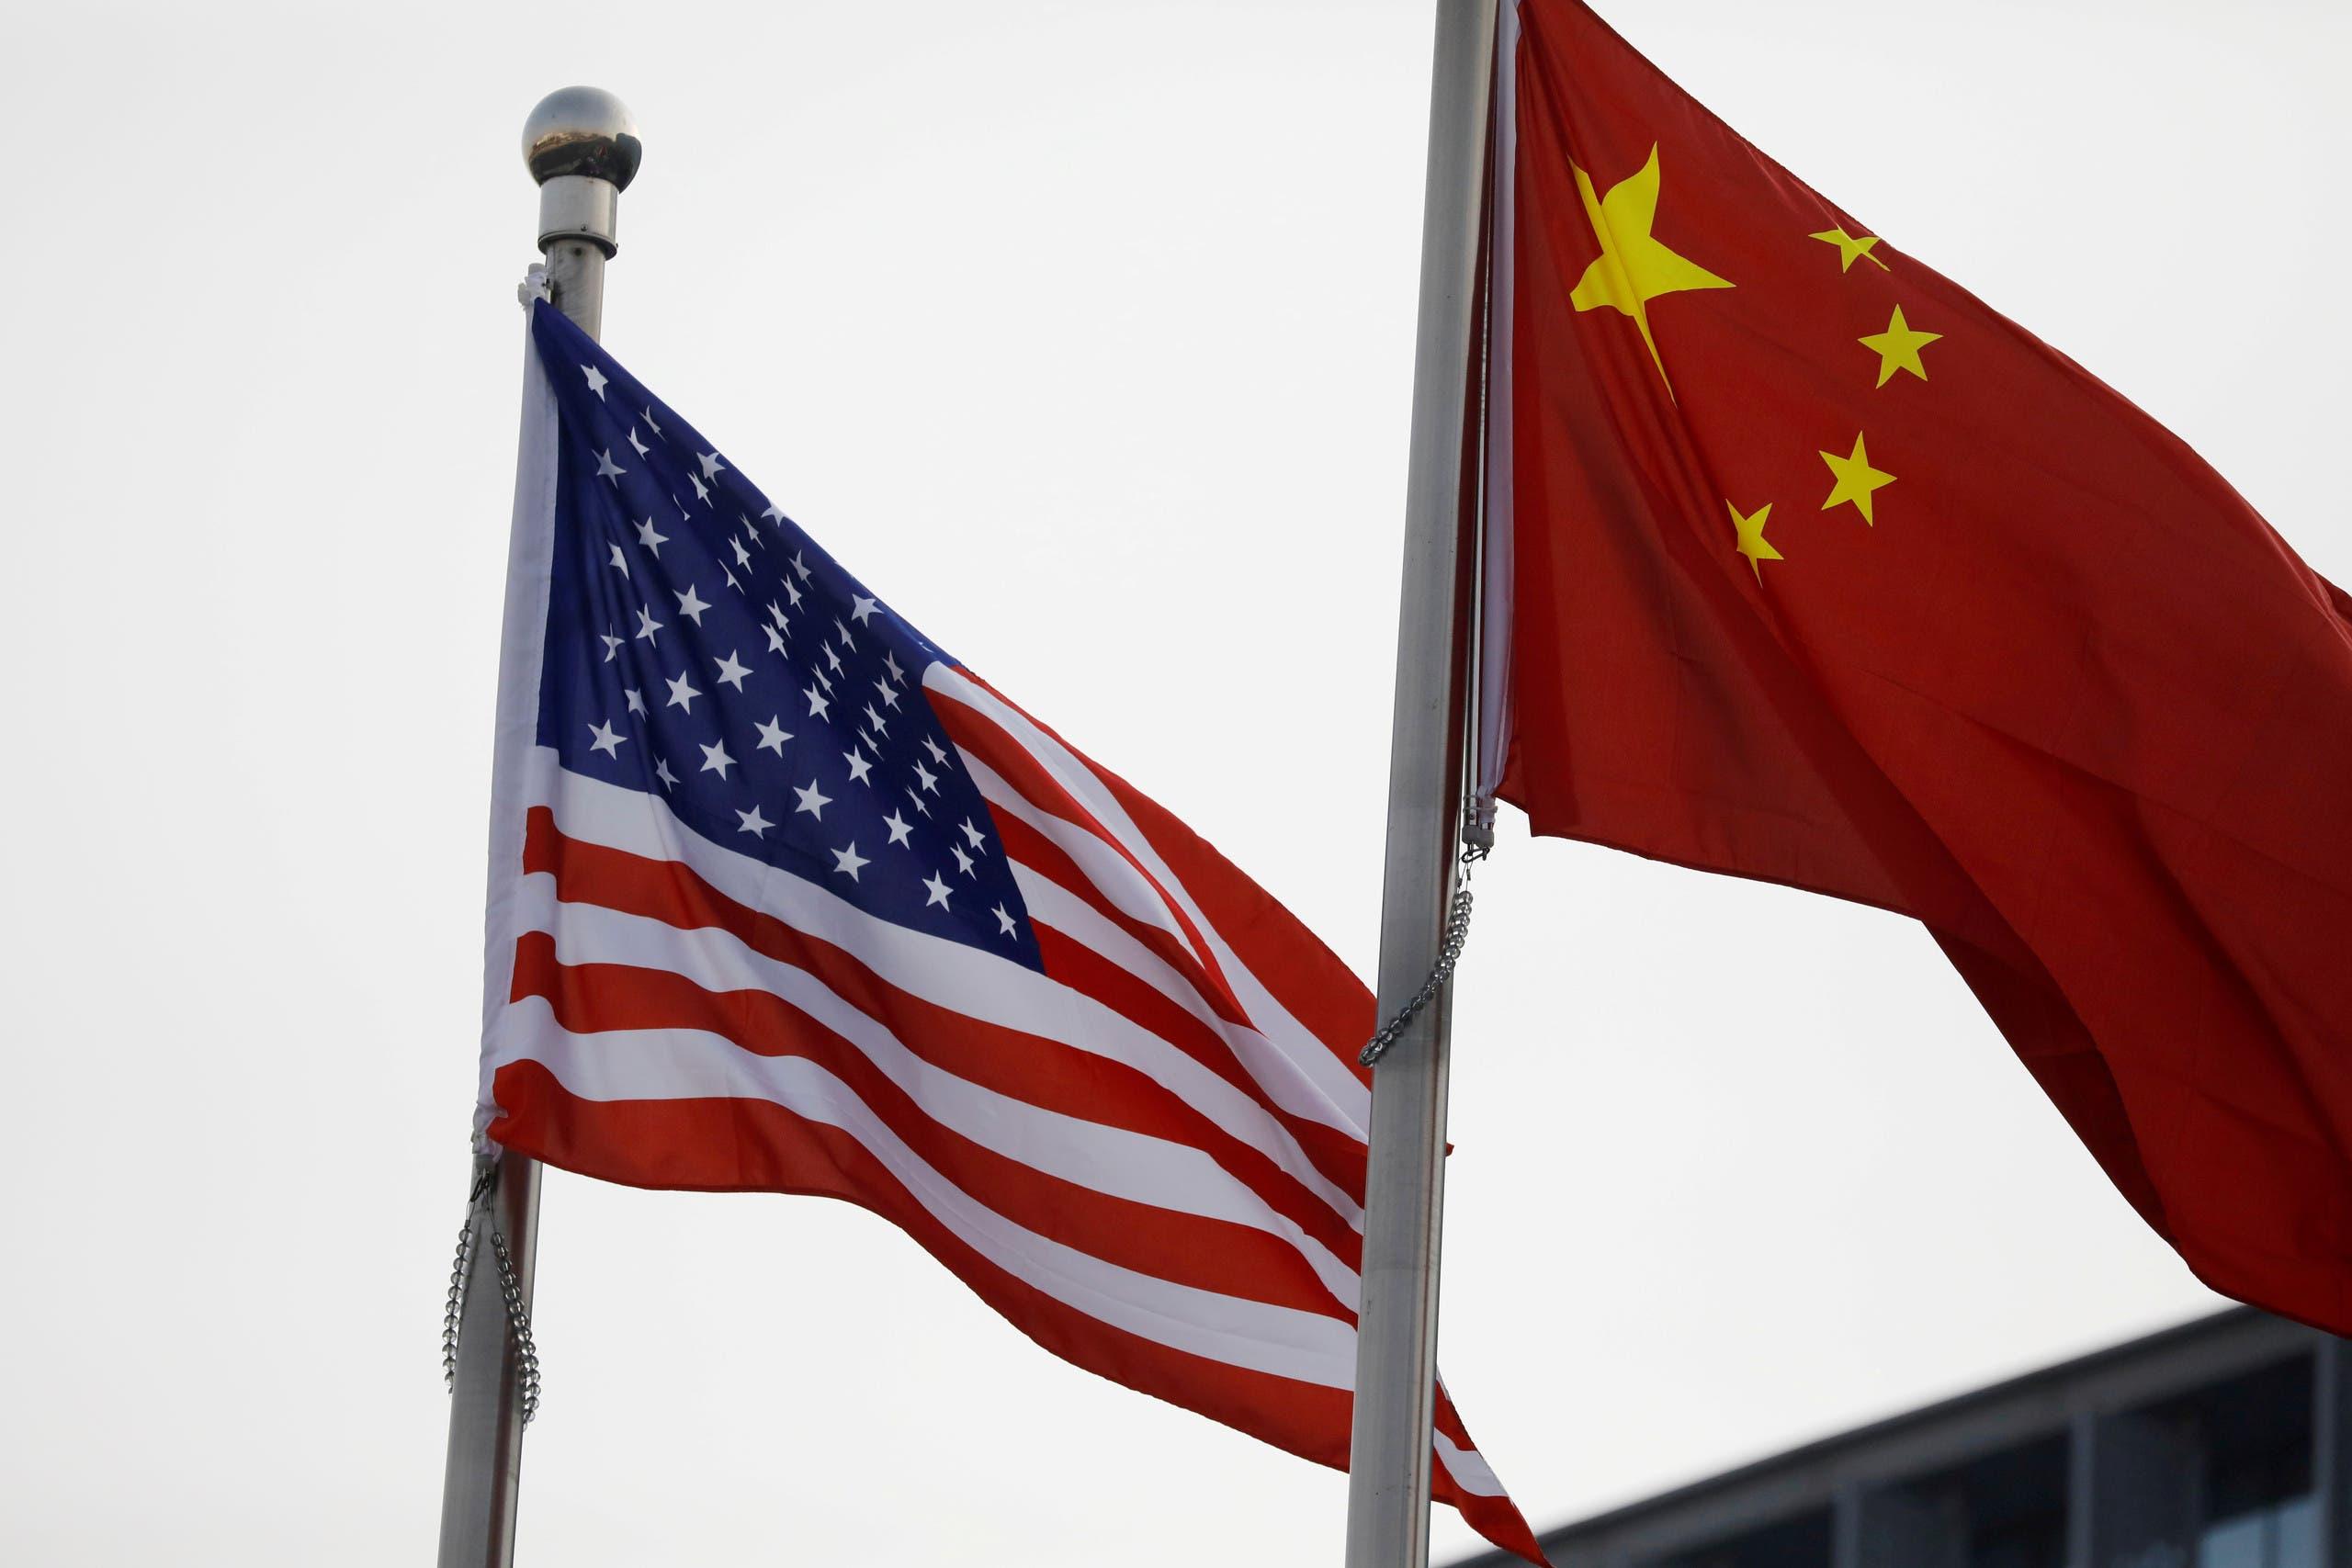 علما الصين وأميركا